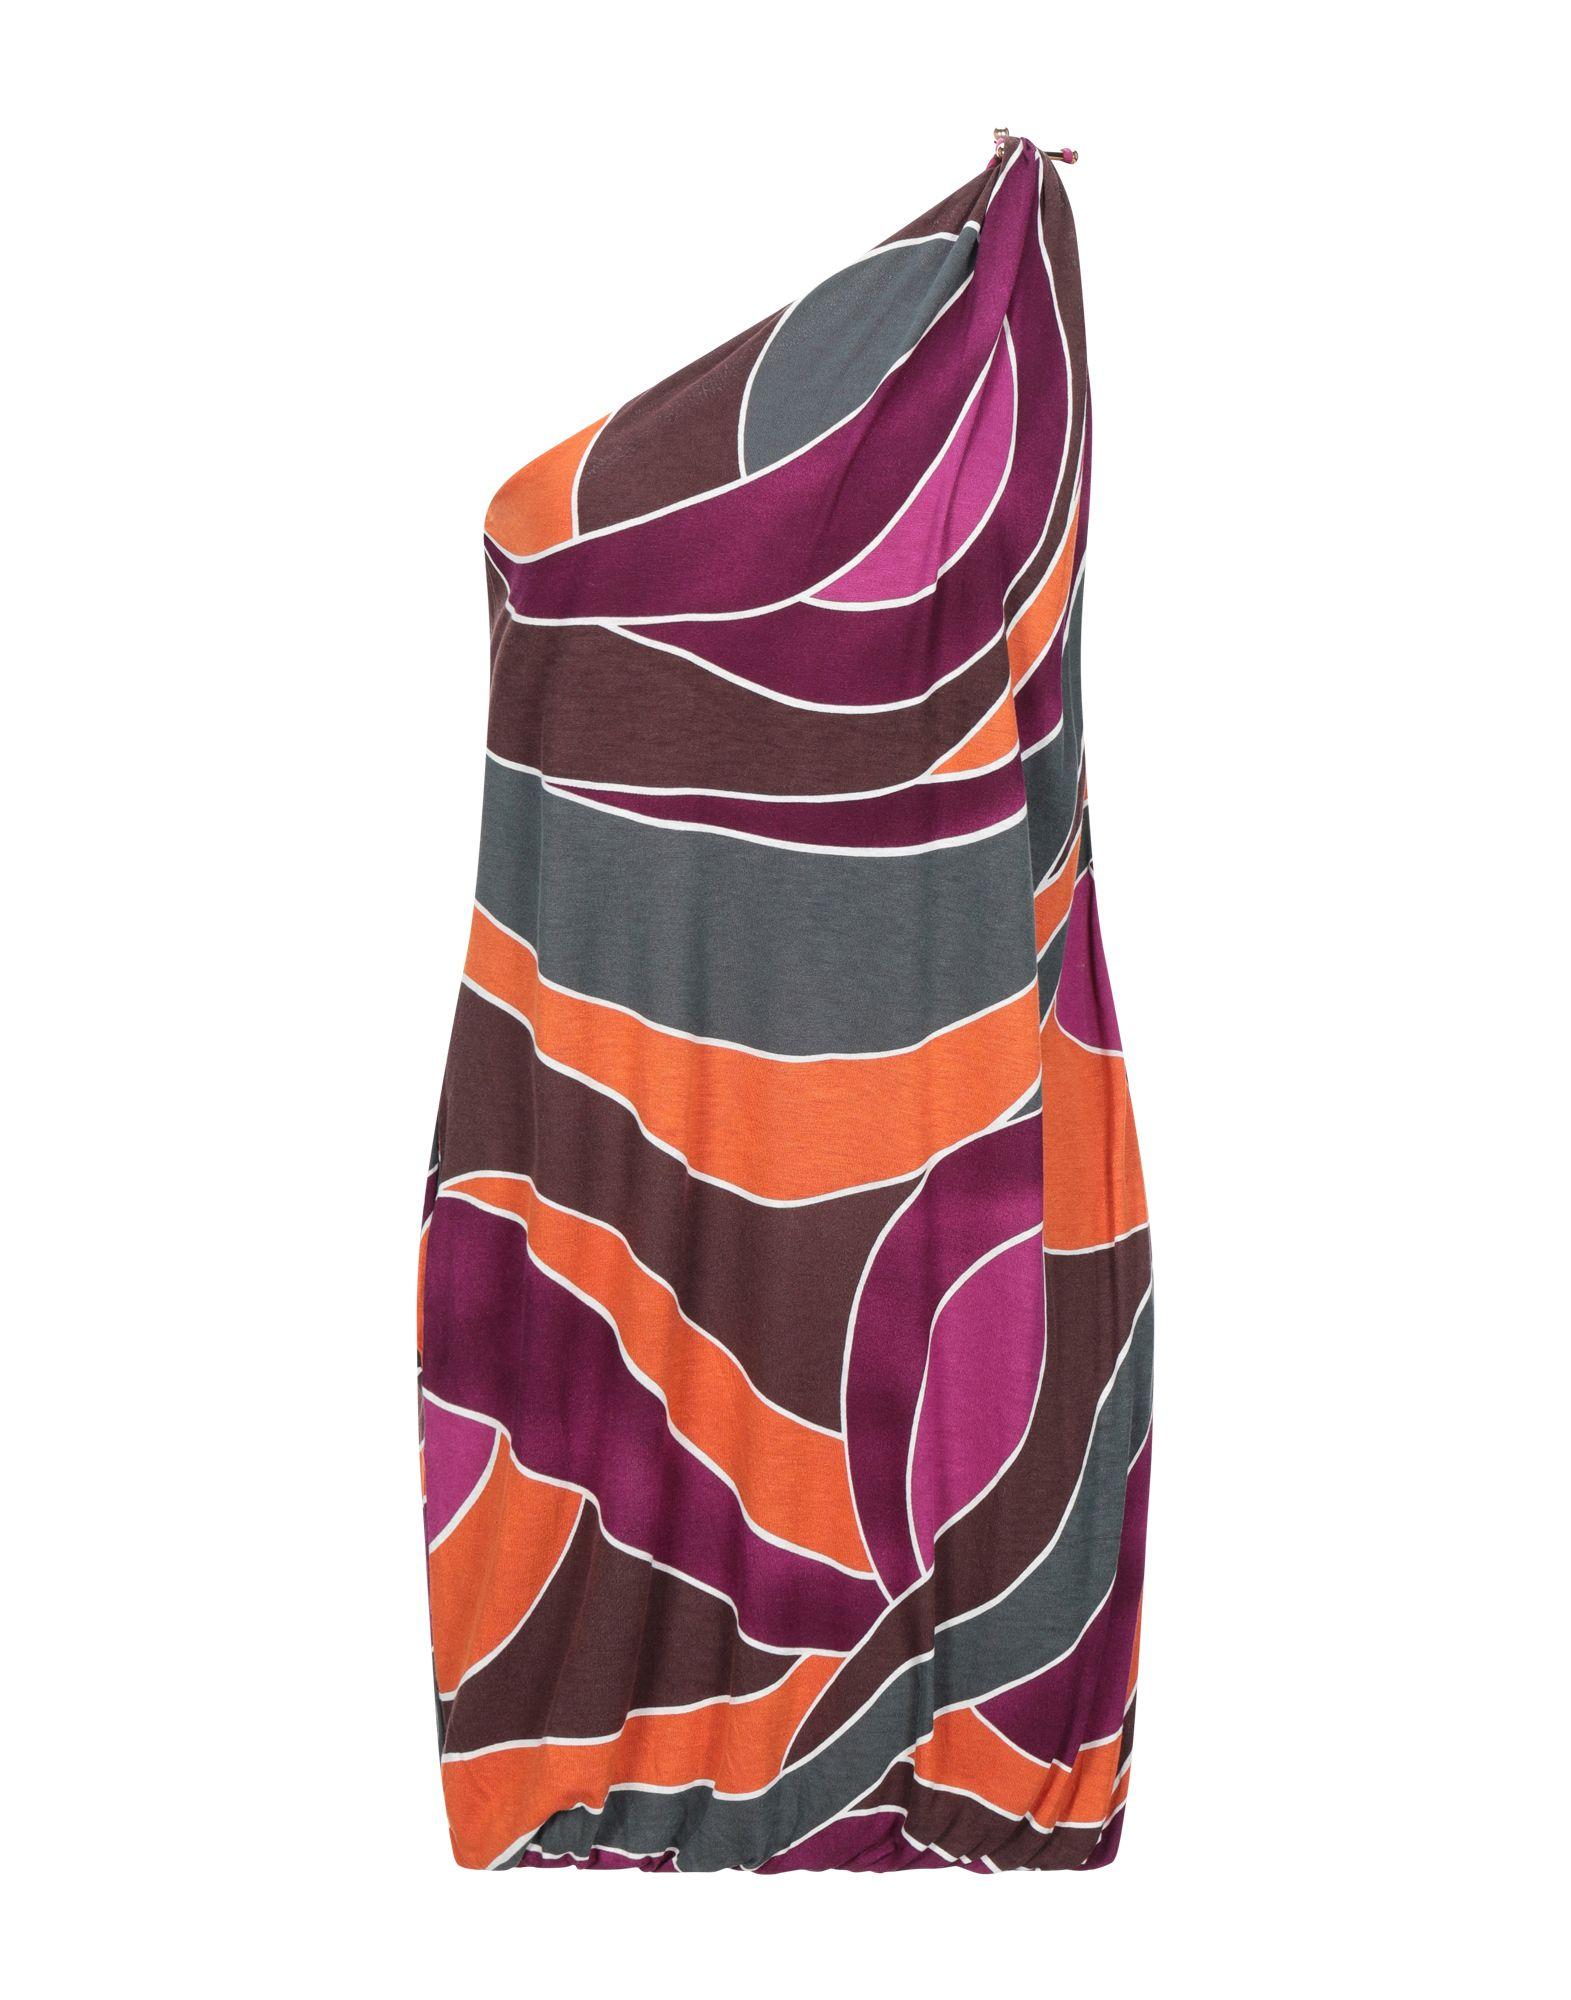 M MISSONI Короткое платье платье коктейльное из одно плечо